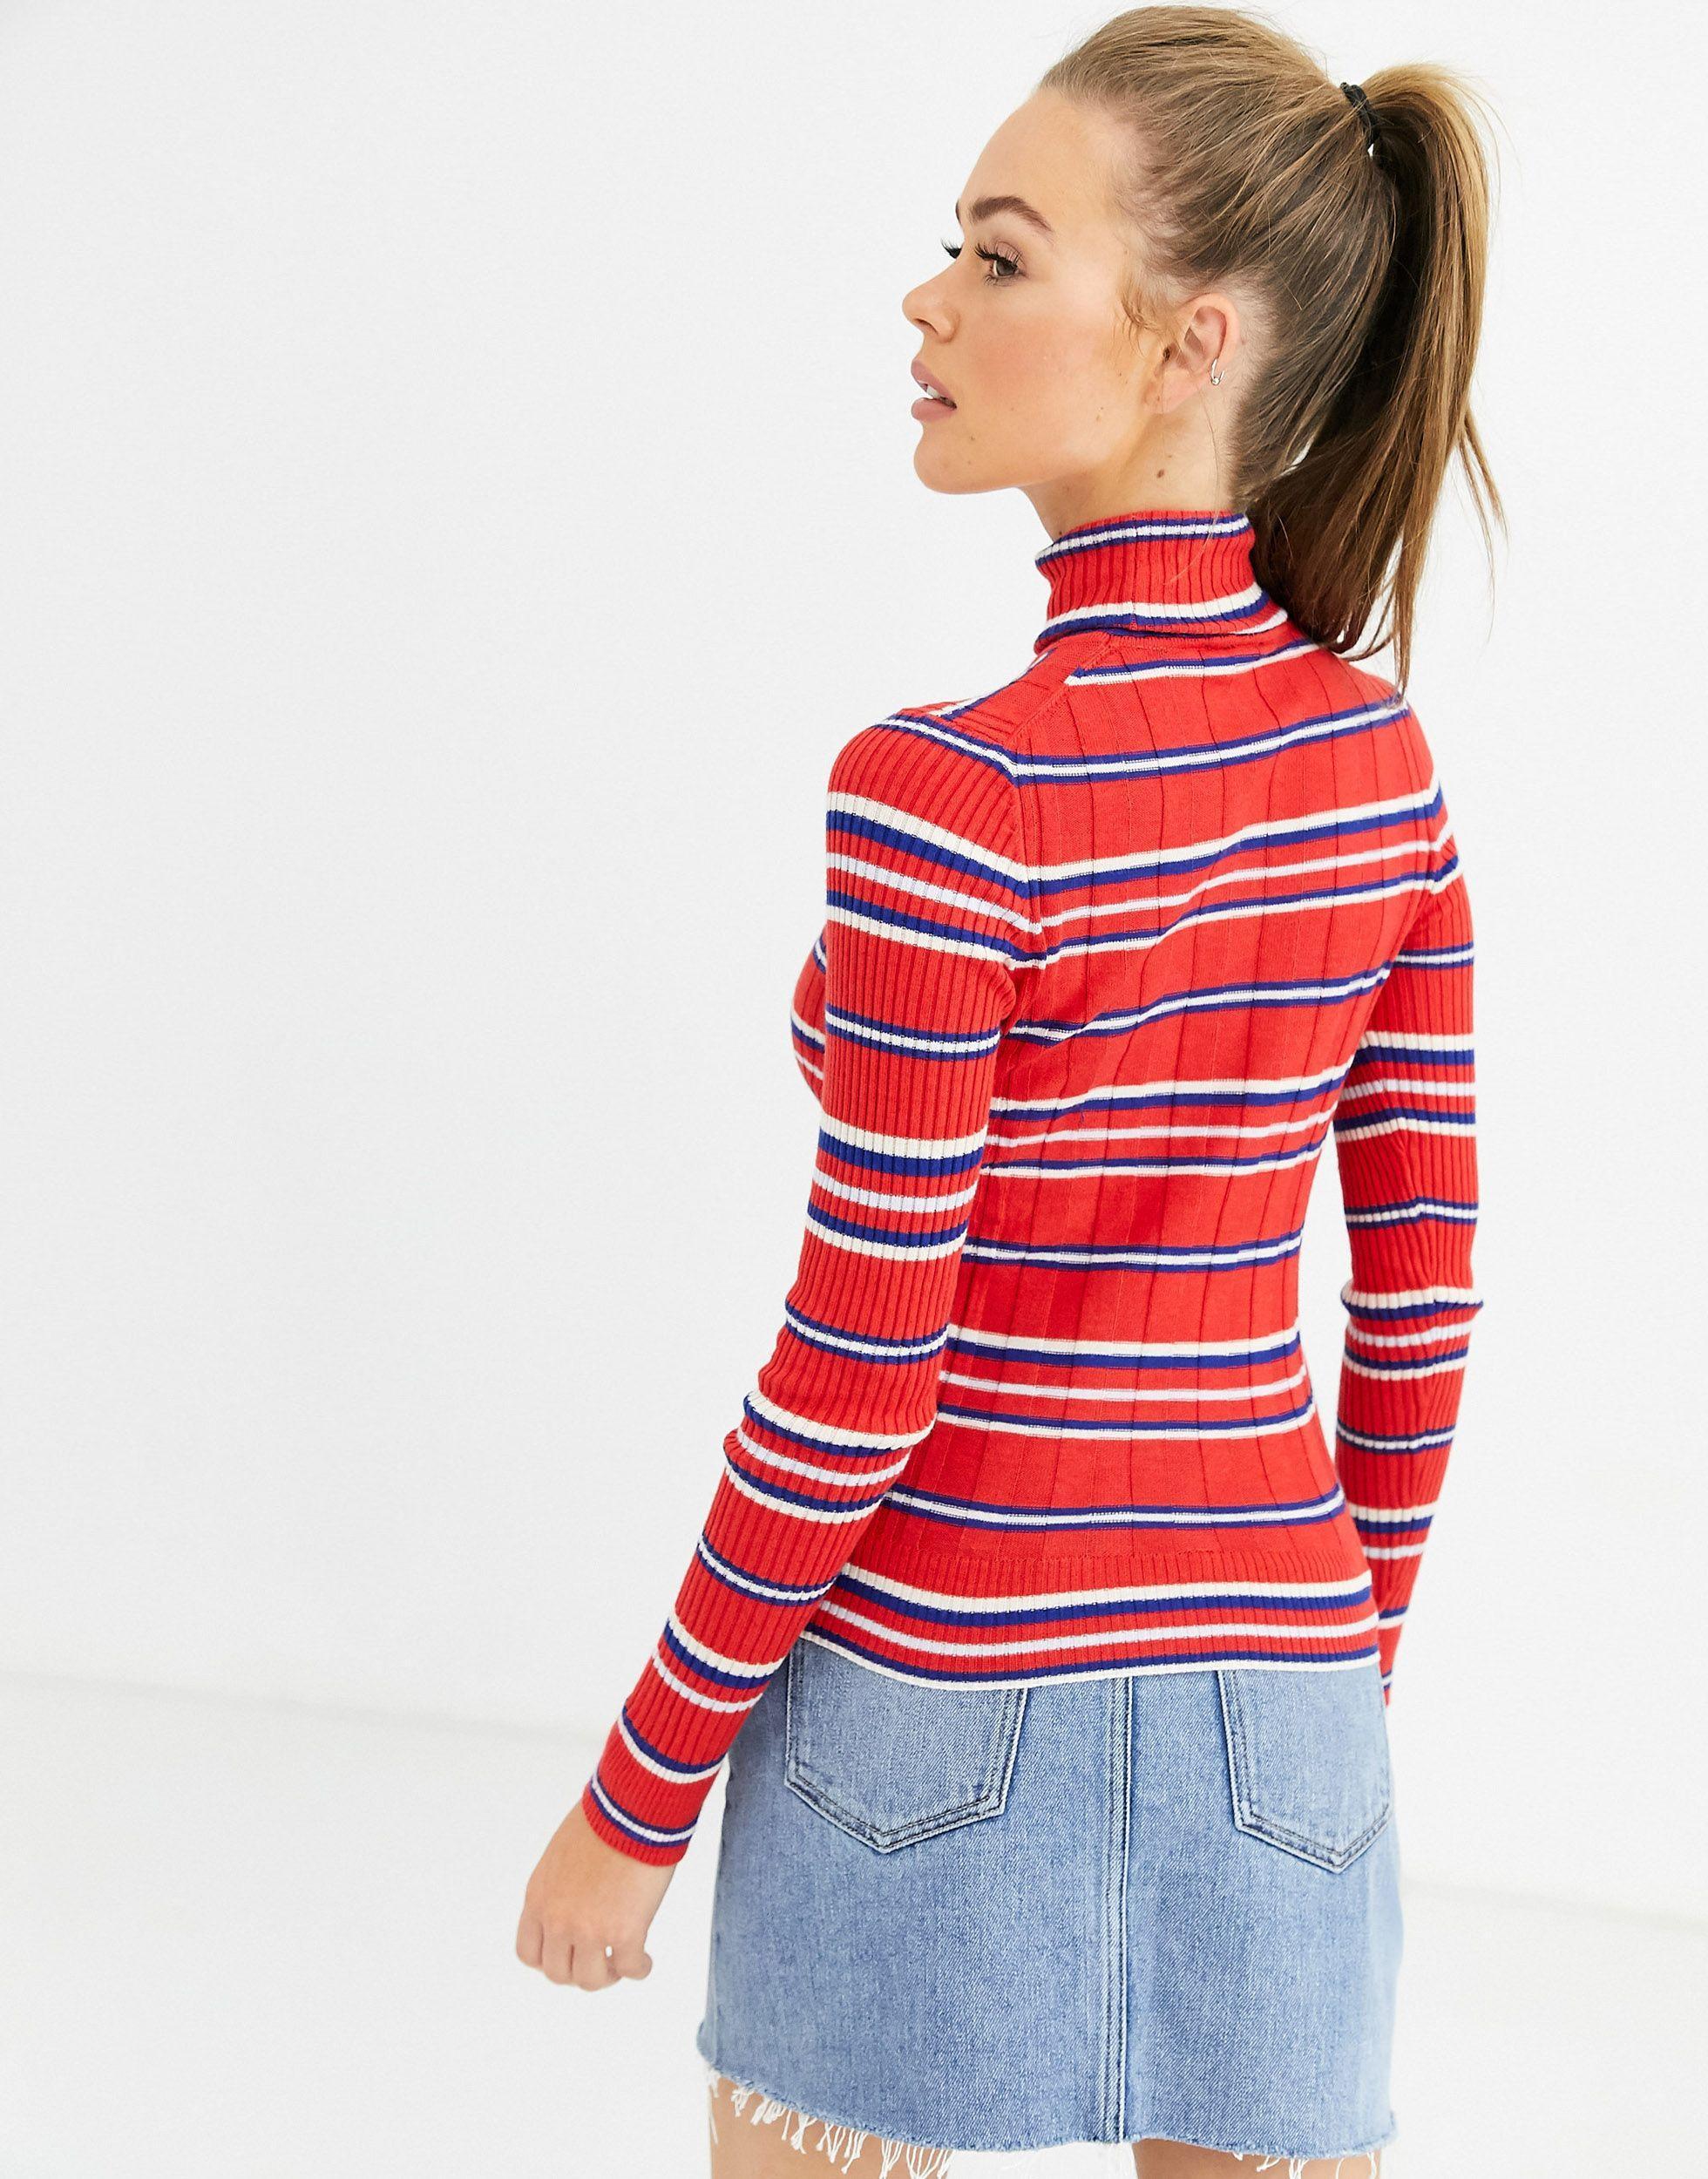 Jersey con cuello vuelto a rayas Flor Pepe Jeans de Denim de color Rojo